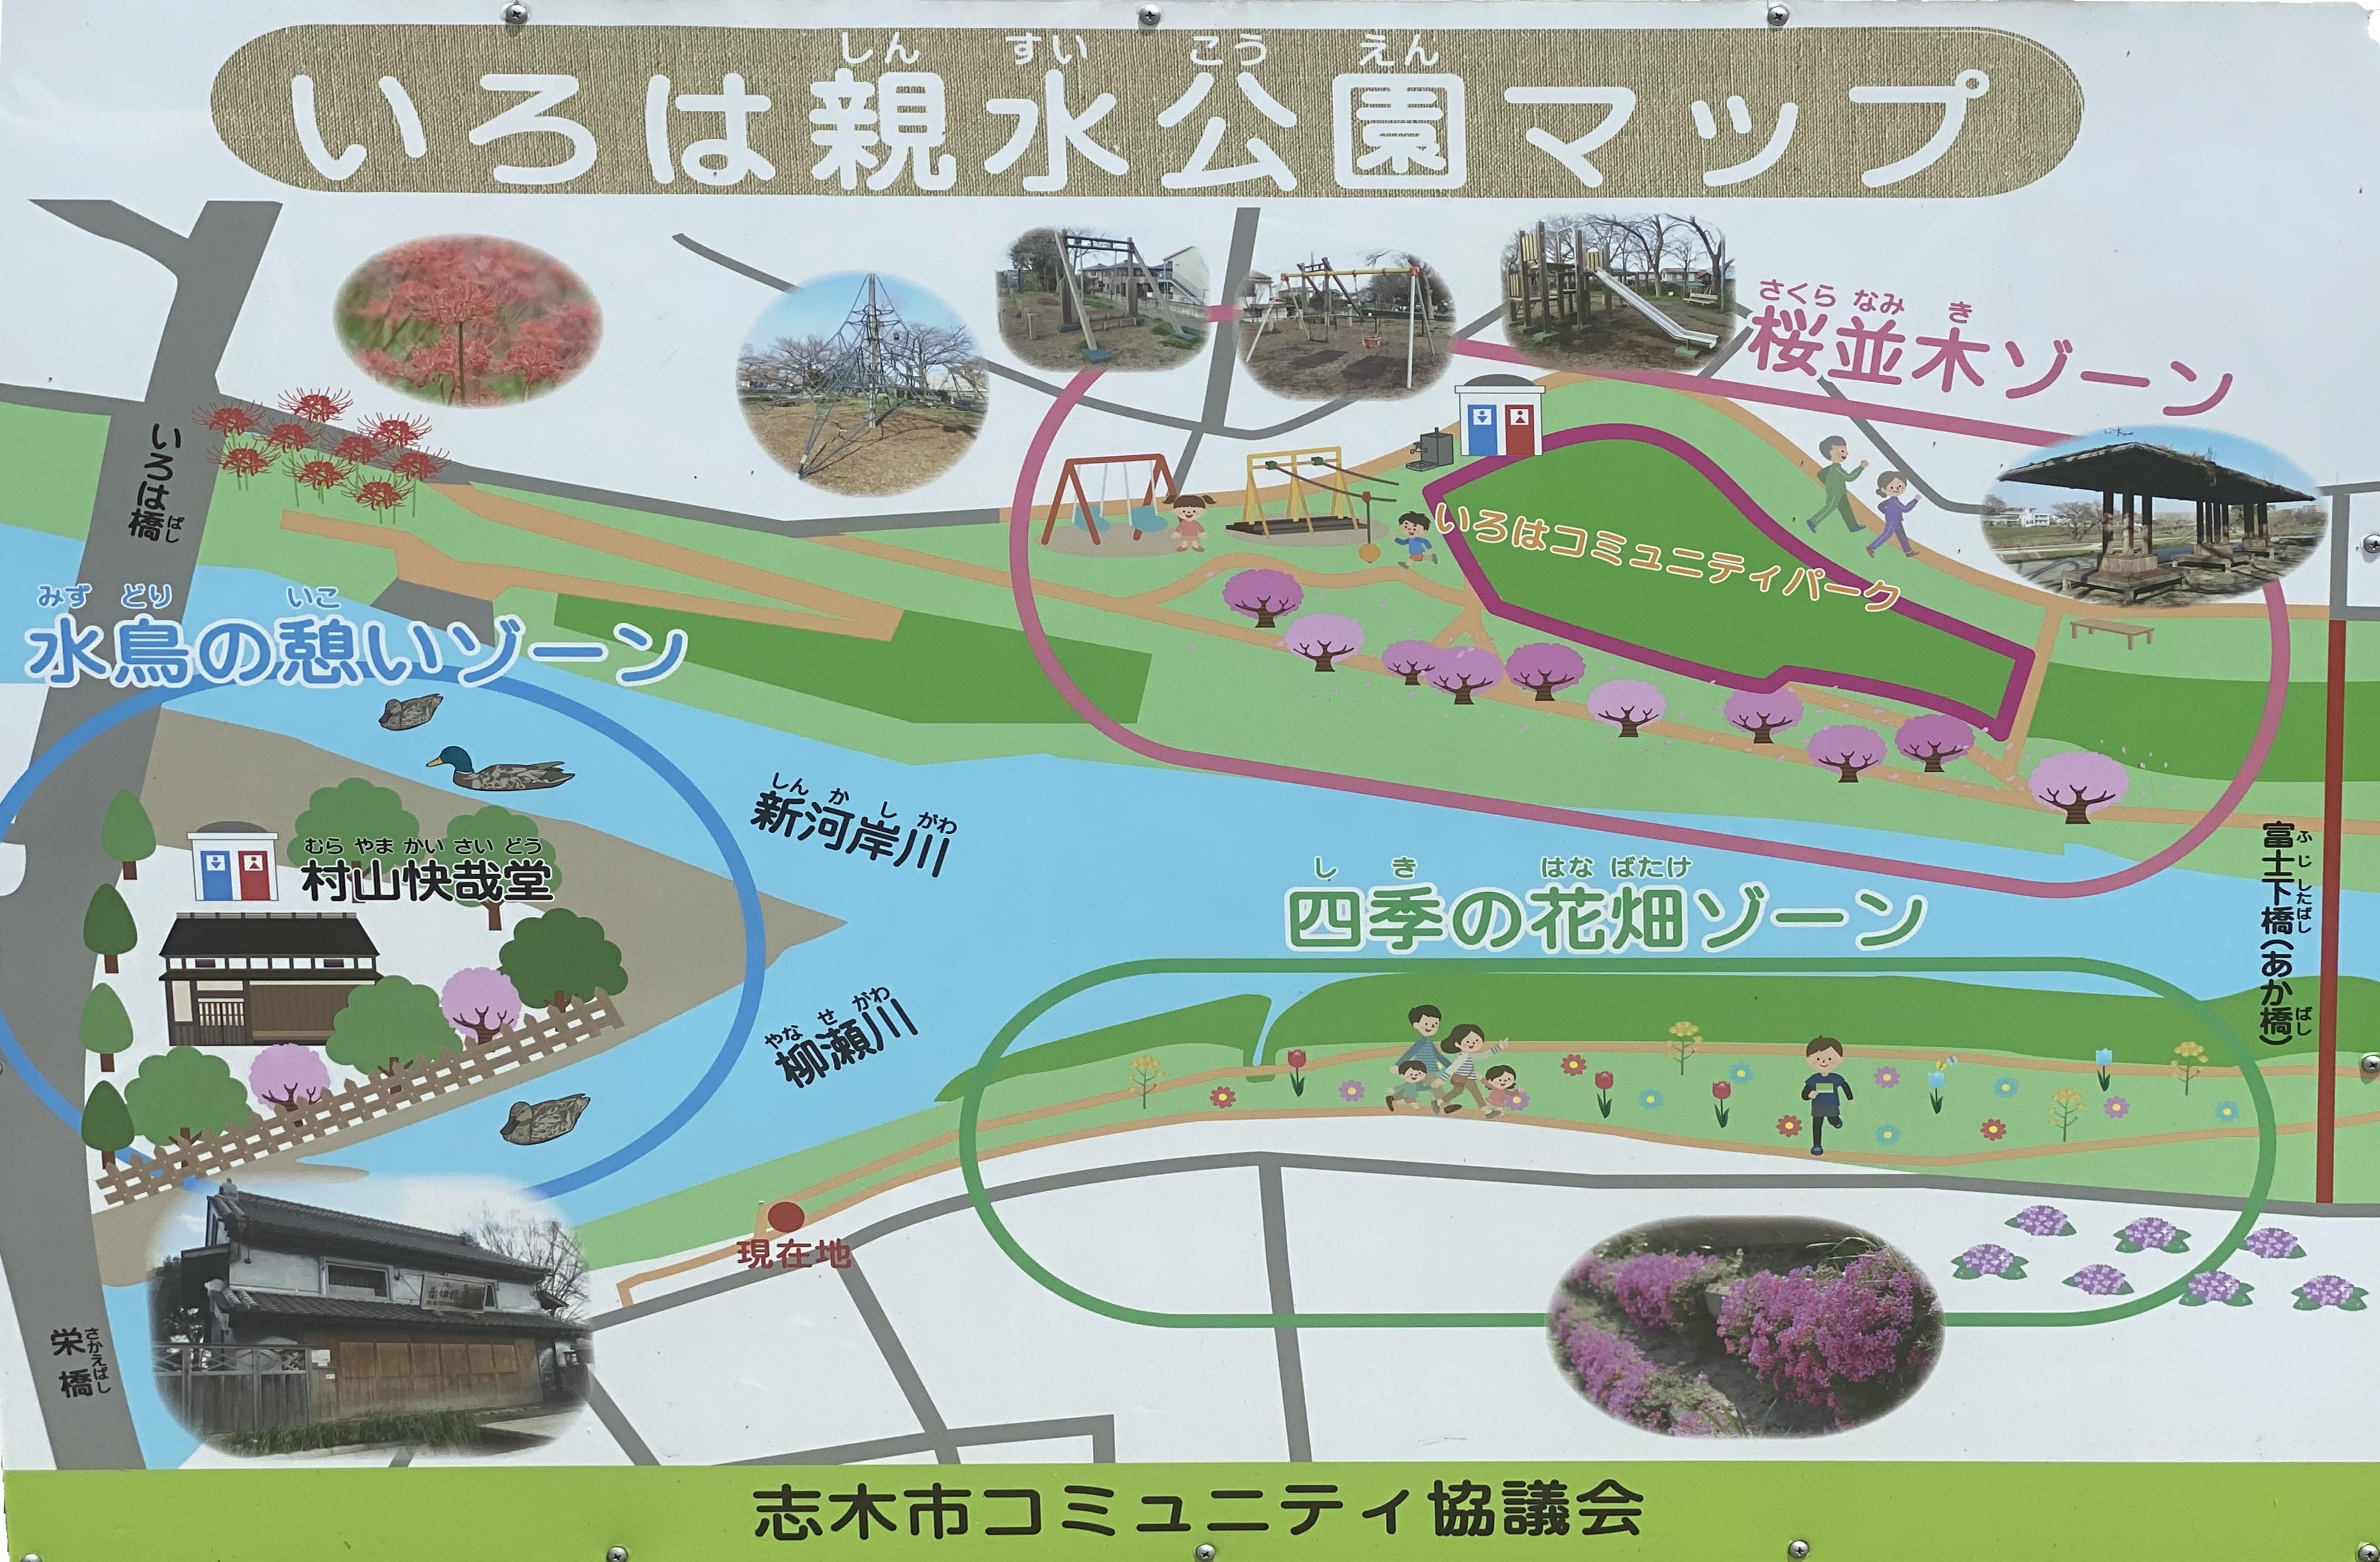 いろは親水公園マップ